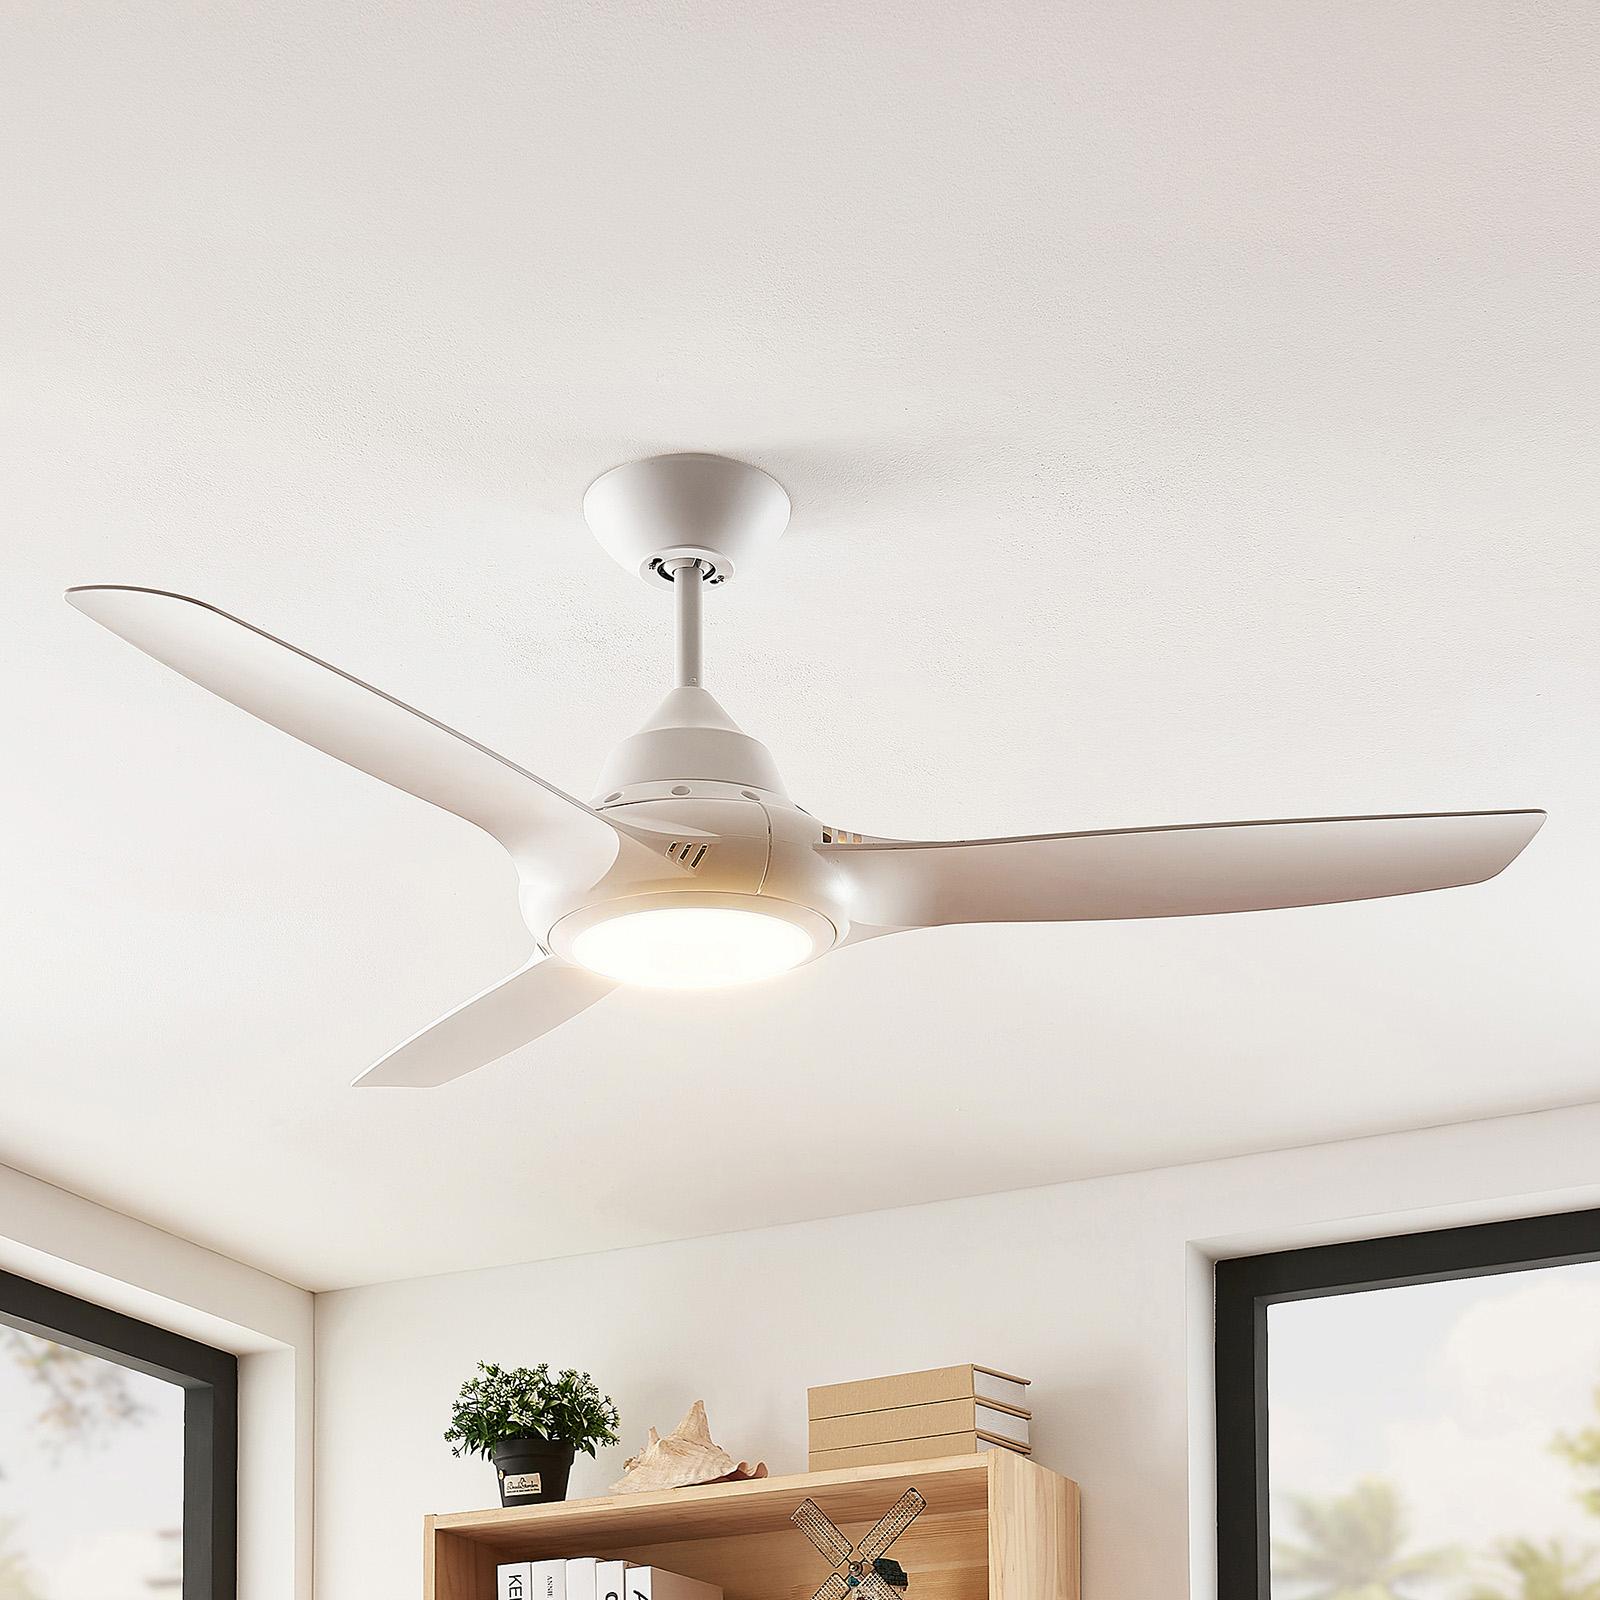 Arcchio Aila ventilador de techo LED 3 pala blanco